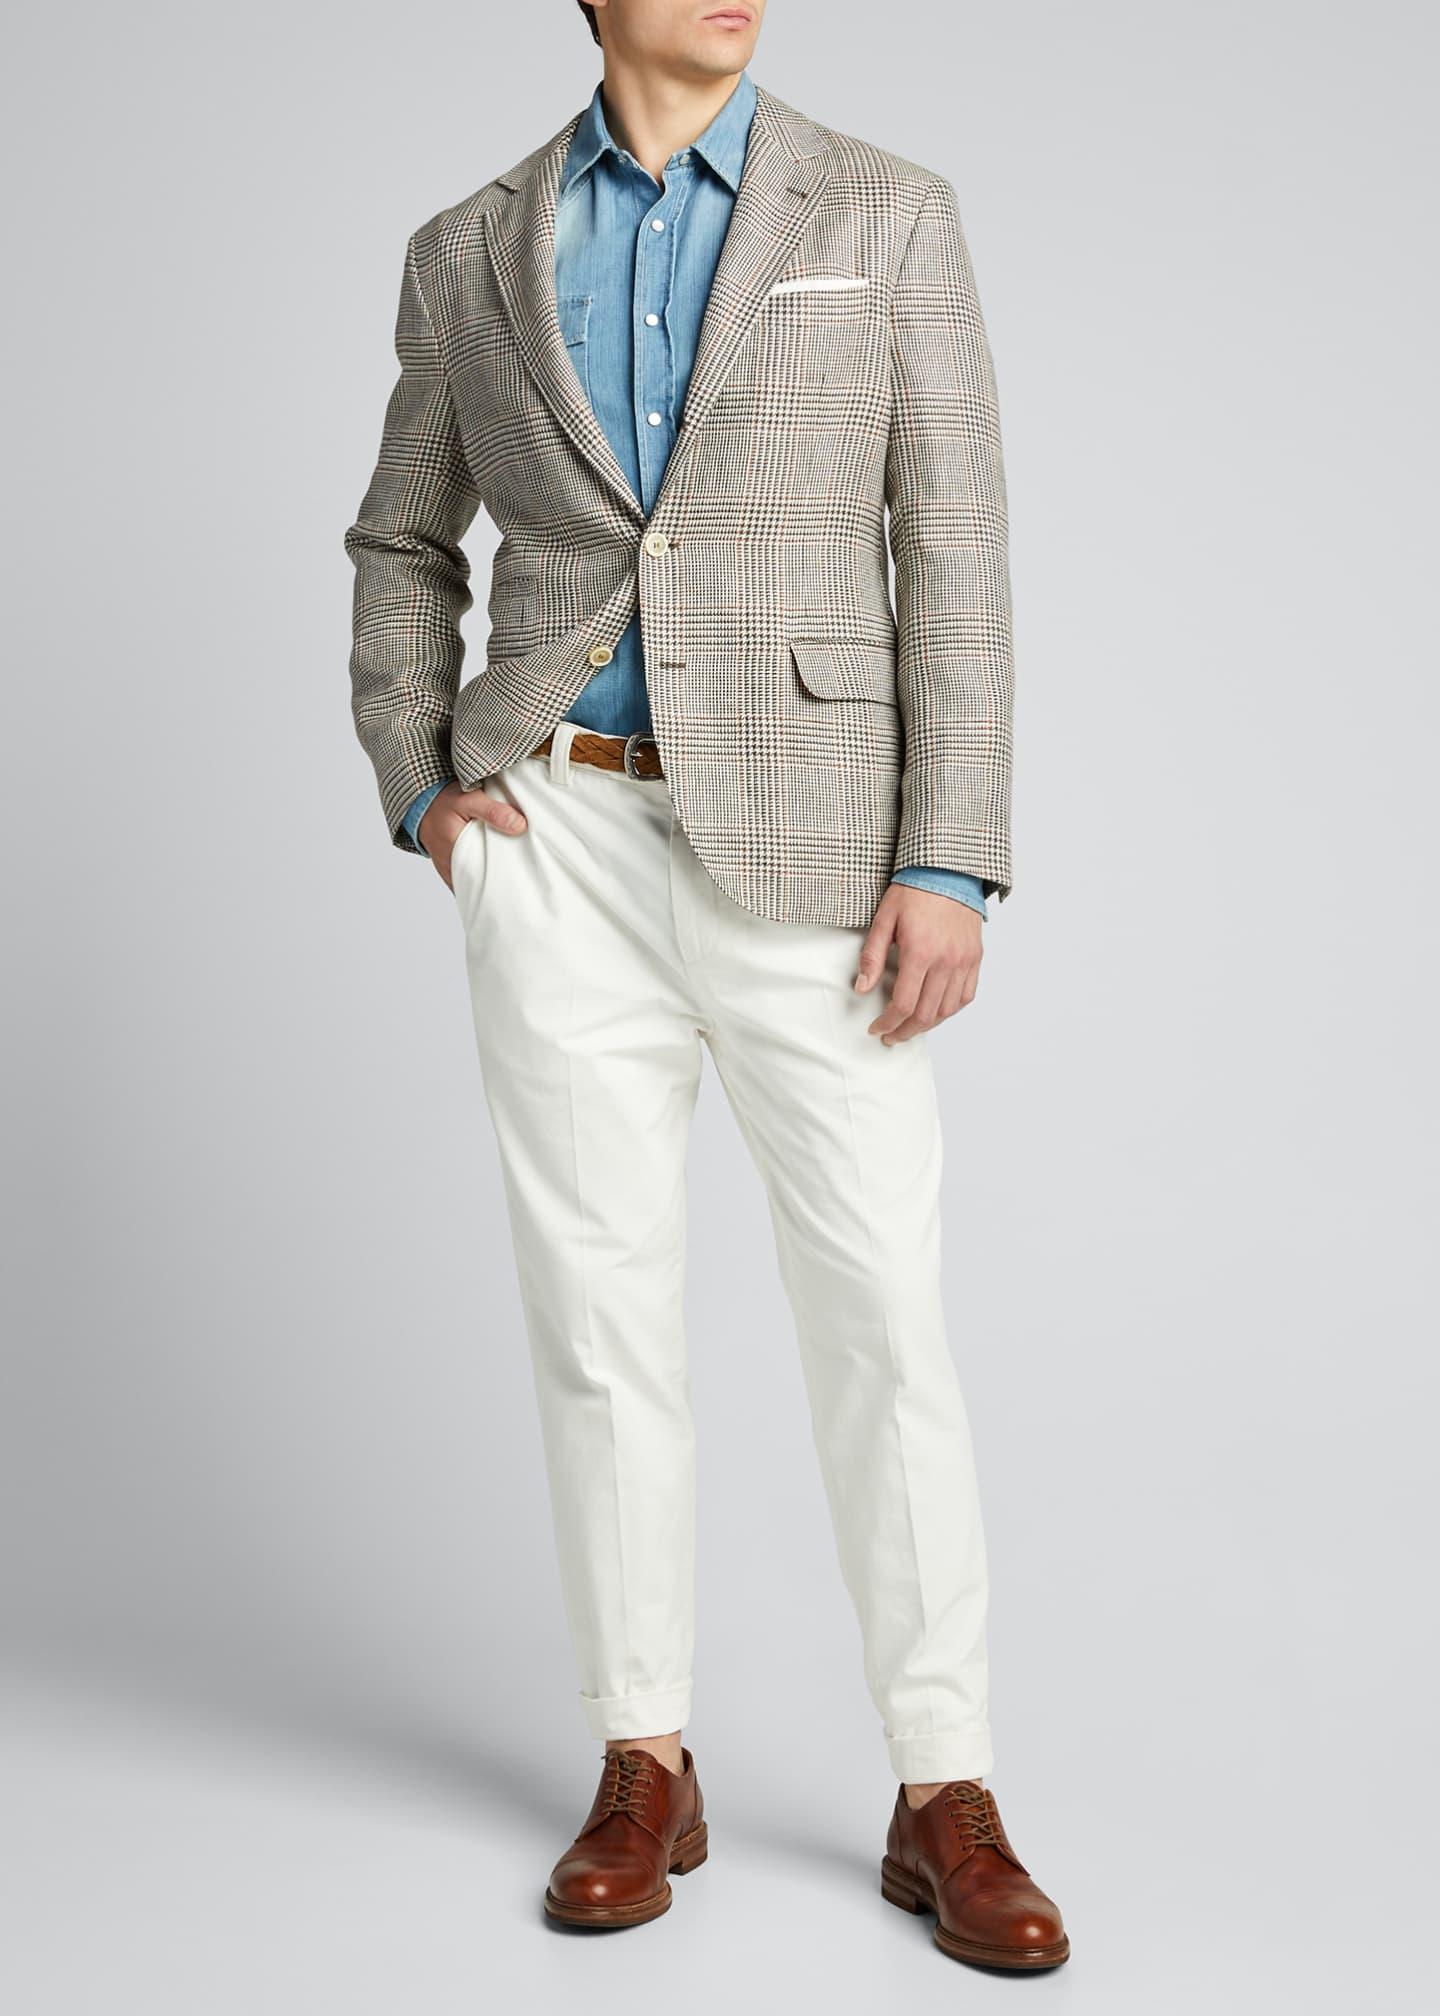 Brunello Cucinelli Men's Leisure-Fit Cotton Pants